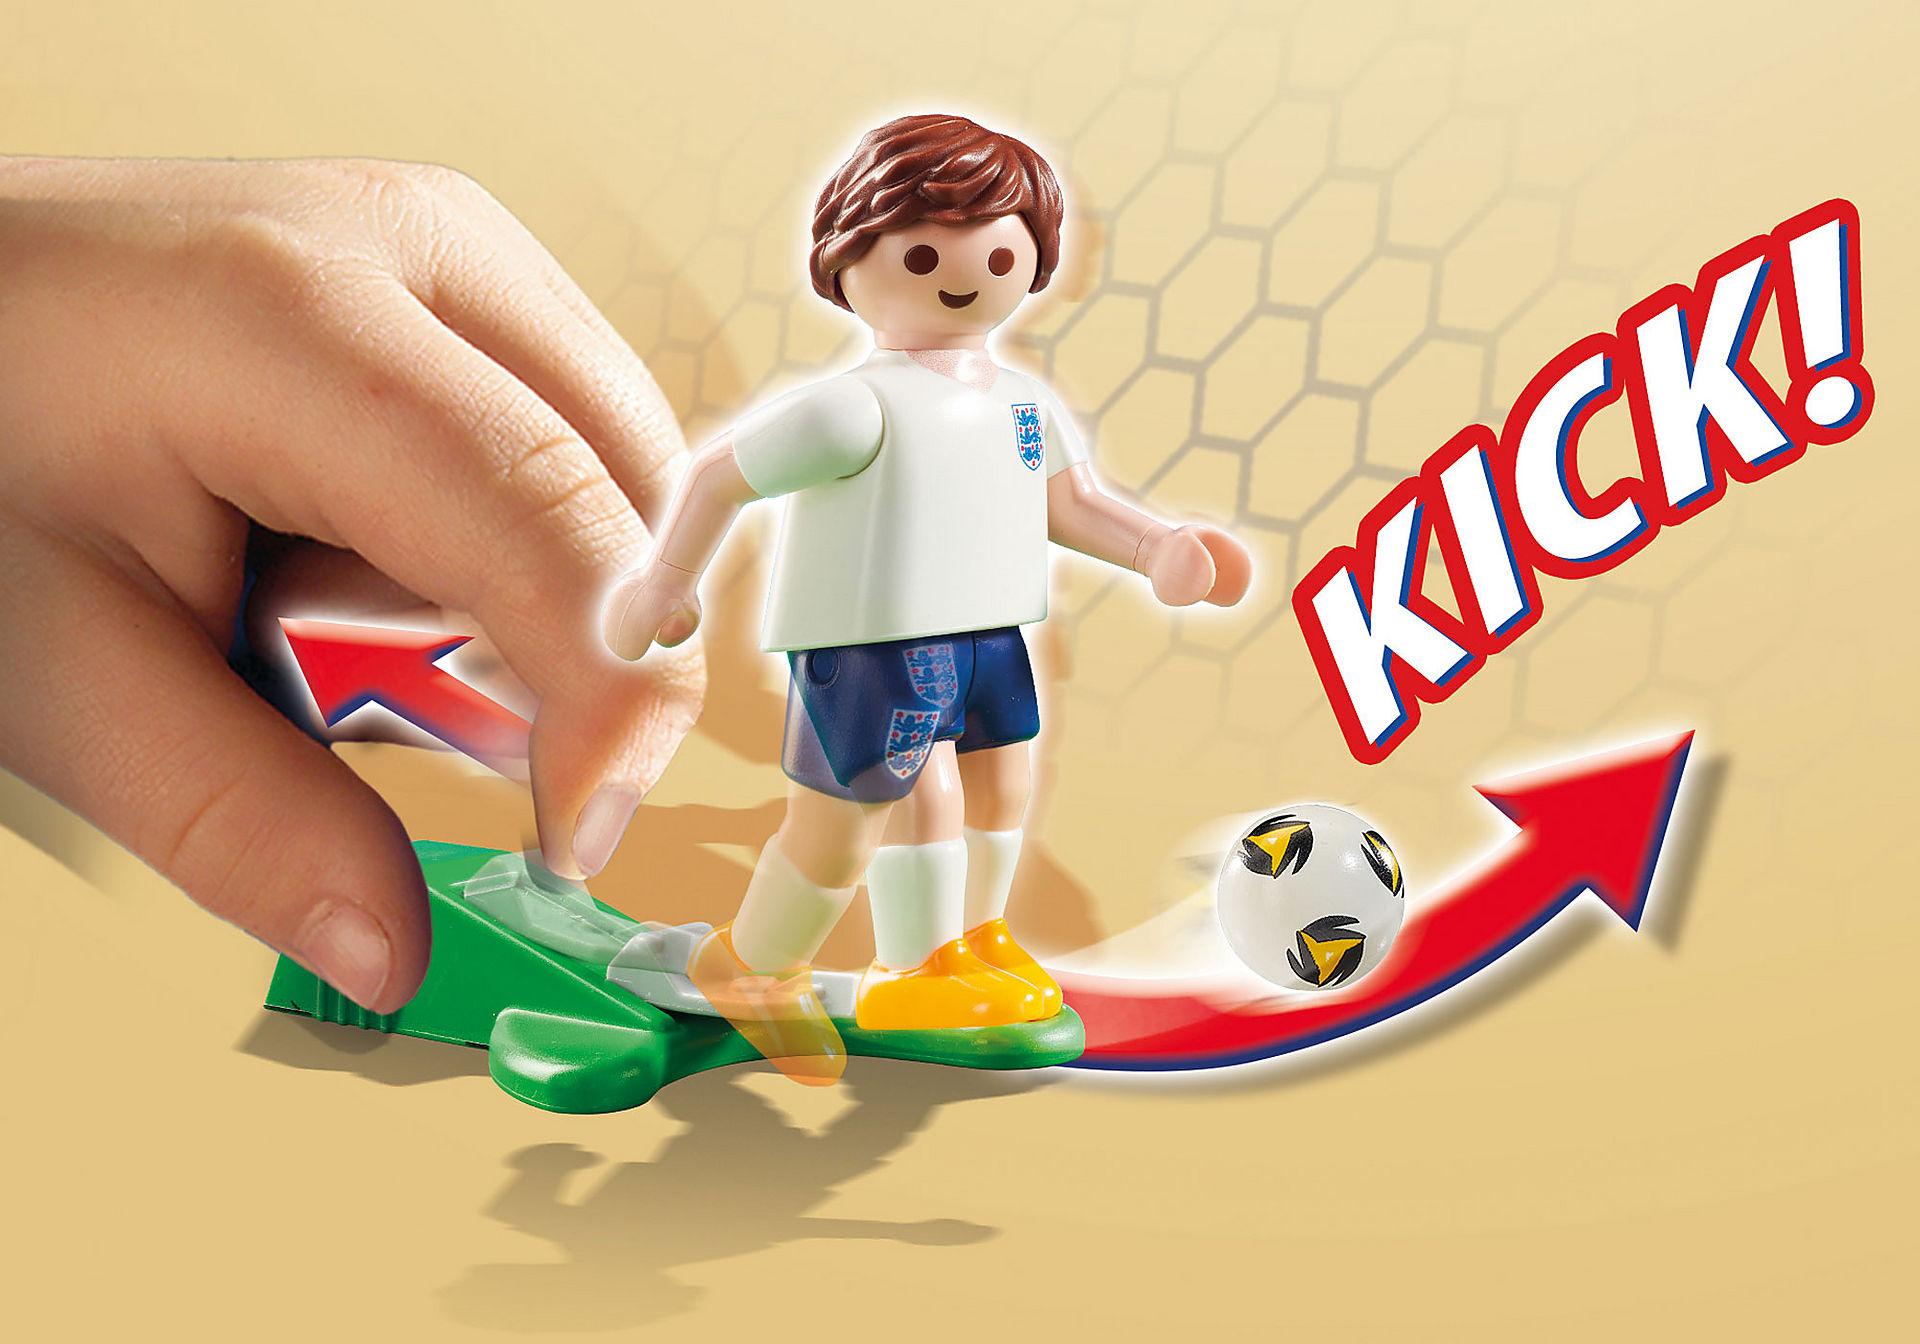 http://media.playmobil.com/i/playmobil/9512_product_extra1/National Team Player England